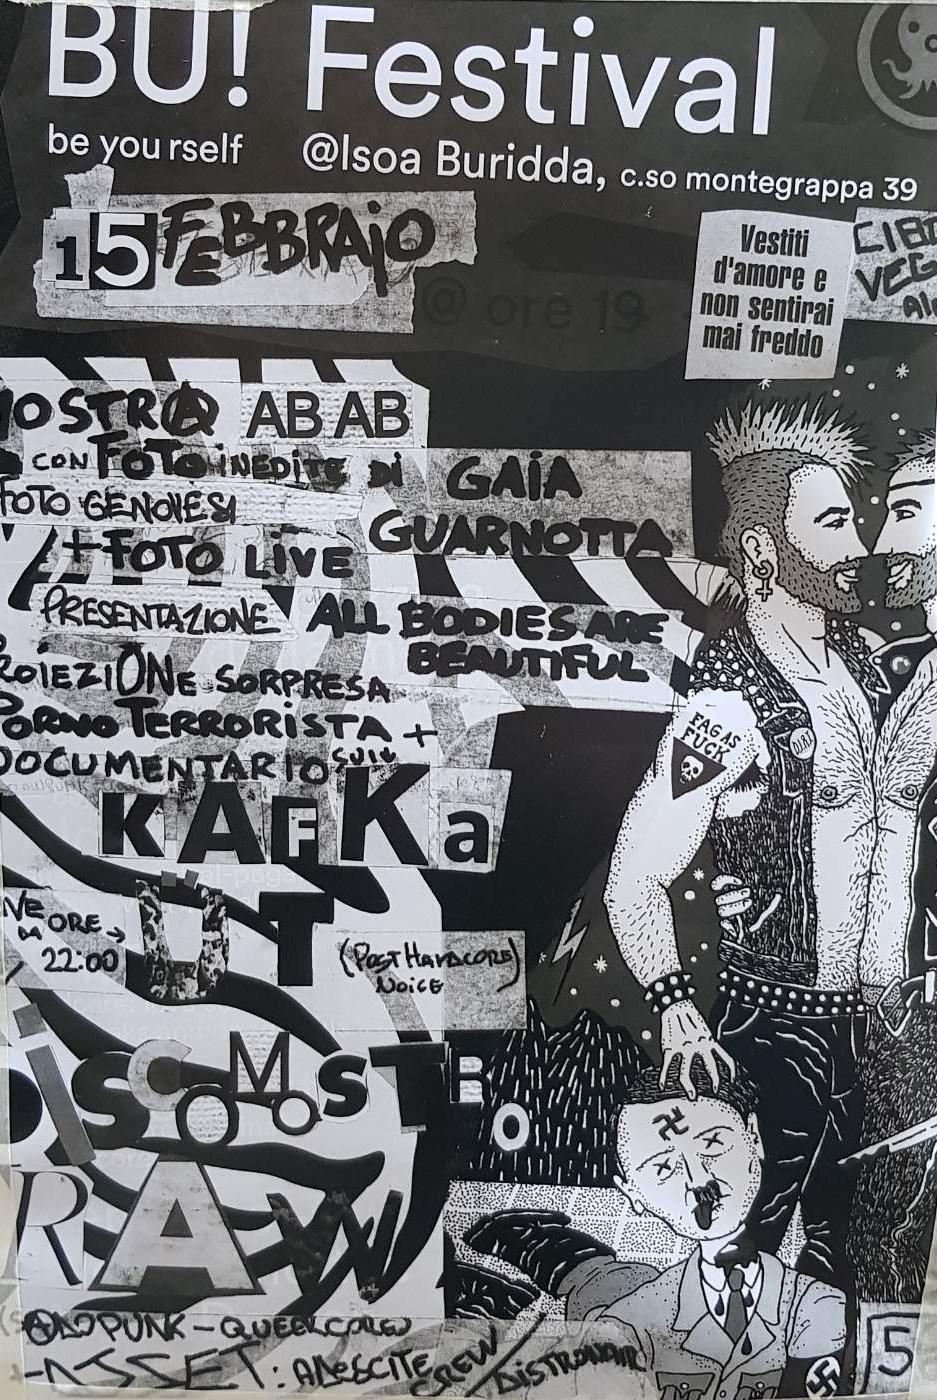 BU! Festival LSOA Buridda Corso Monte Grappa 39, 16137 Genova Dal 15/02/2019 Al 15/02/2019 19:00 - 03:00